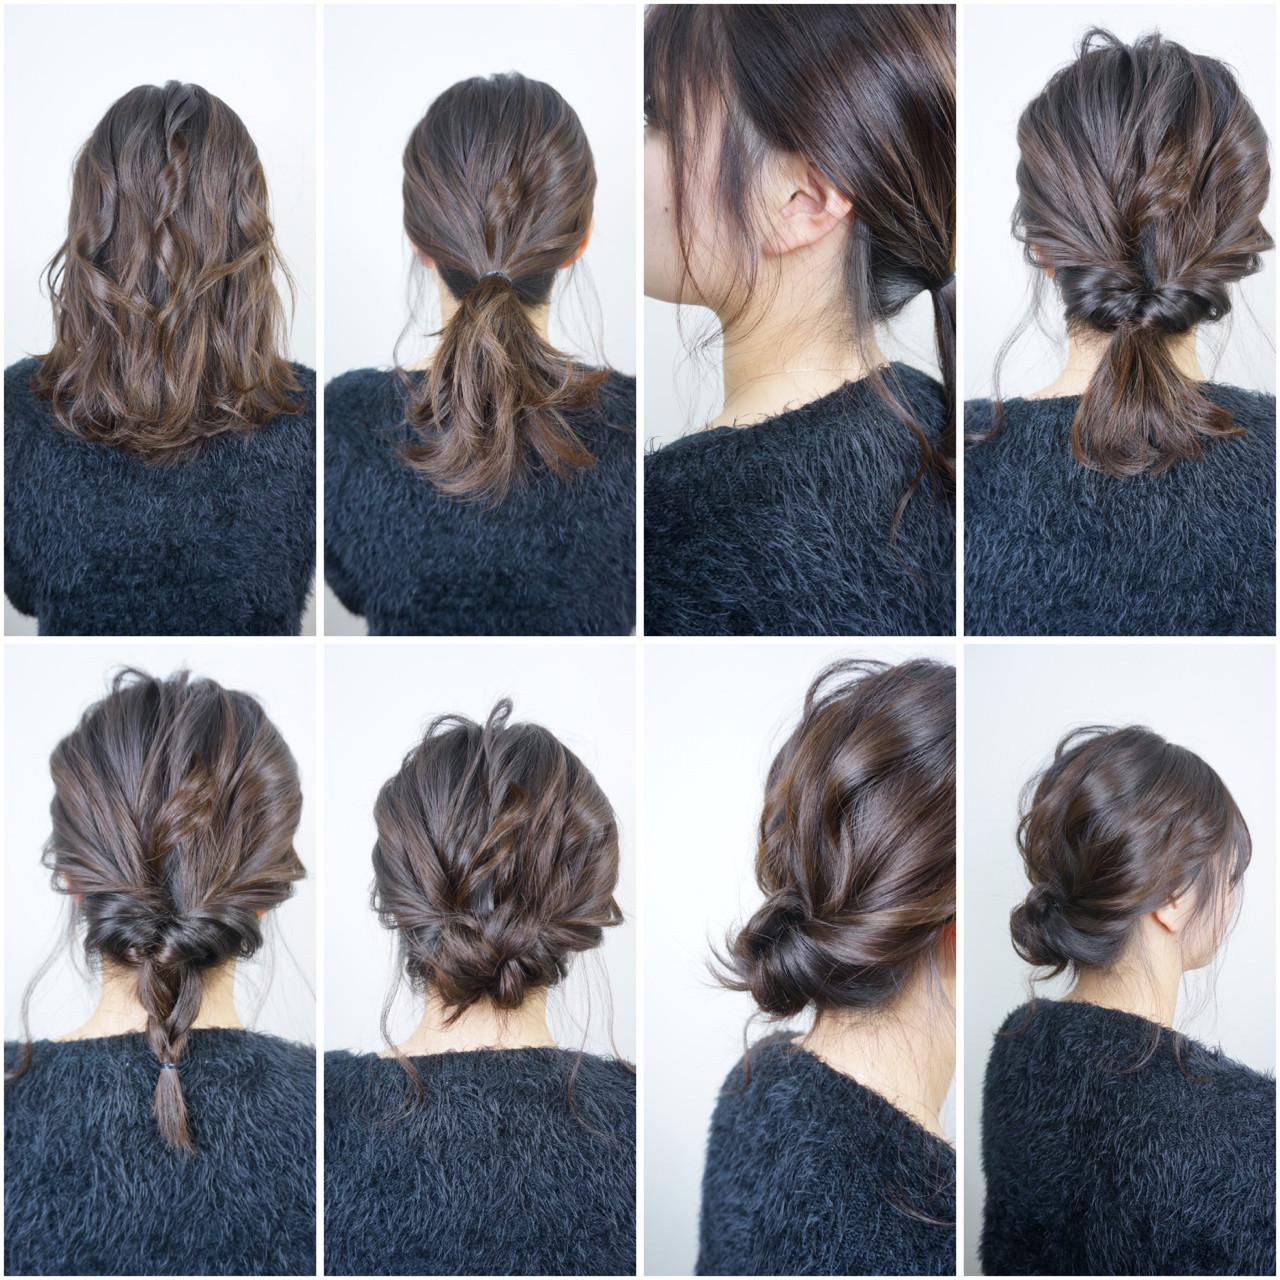 大人女子 ヘアアレンジ セミロング セルフヘアアレンジ ヘアスタイルや髪型の写真・画像